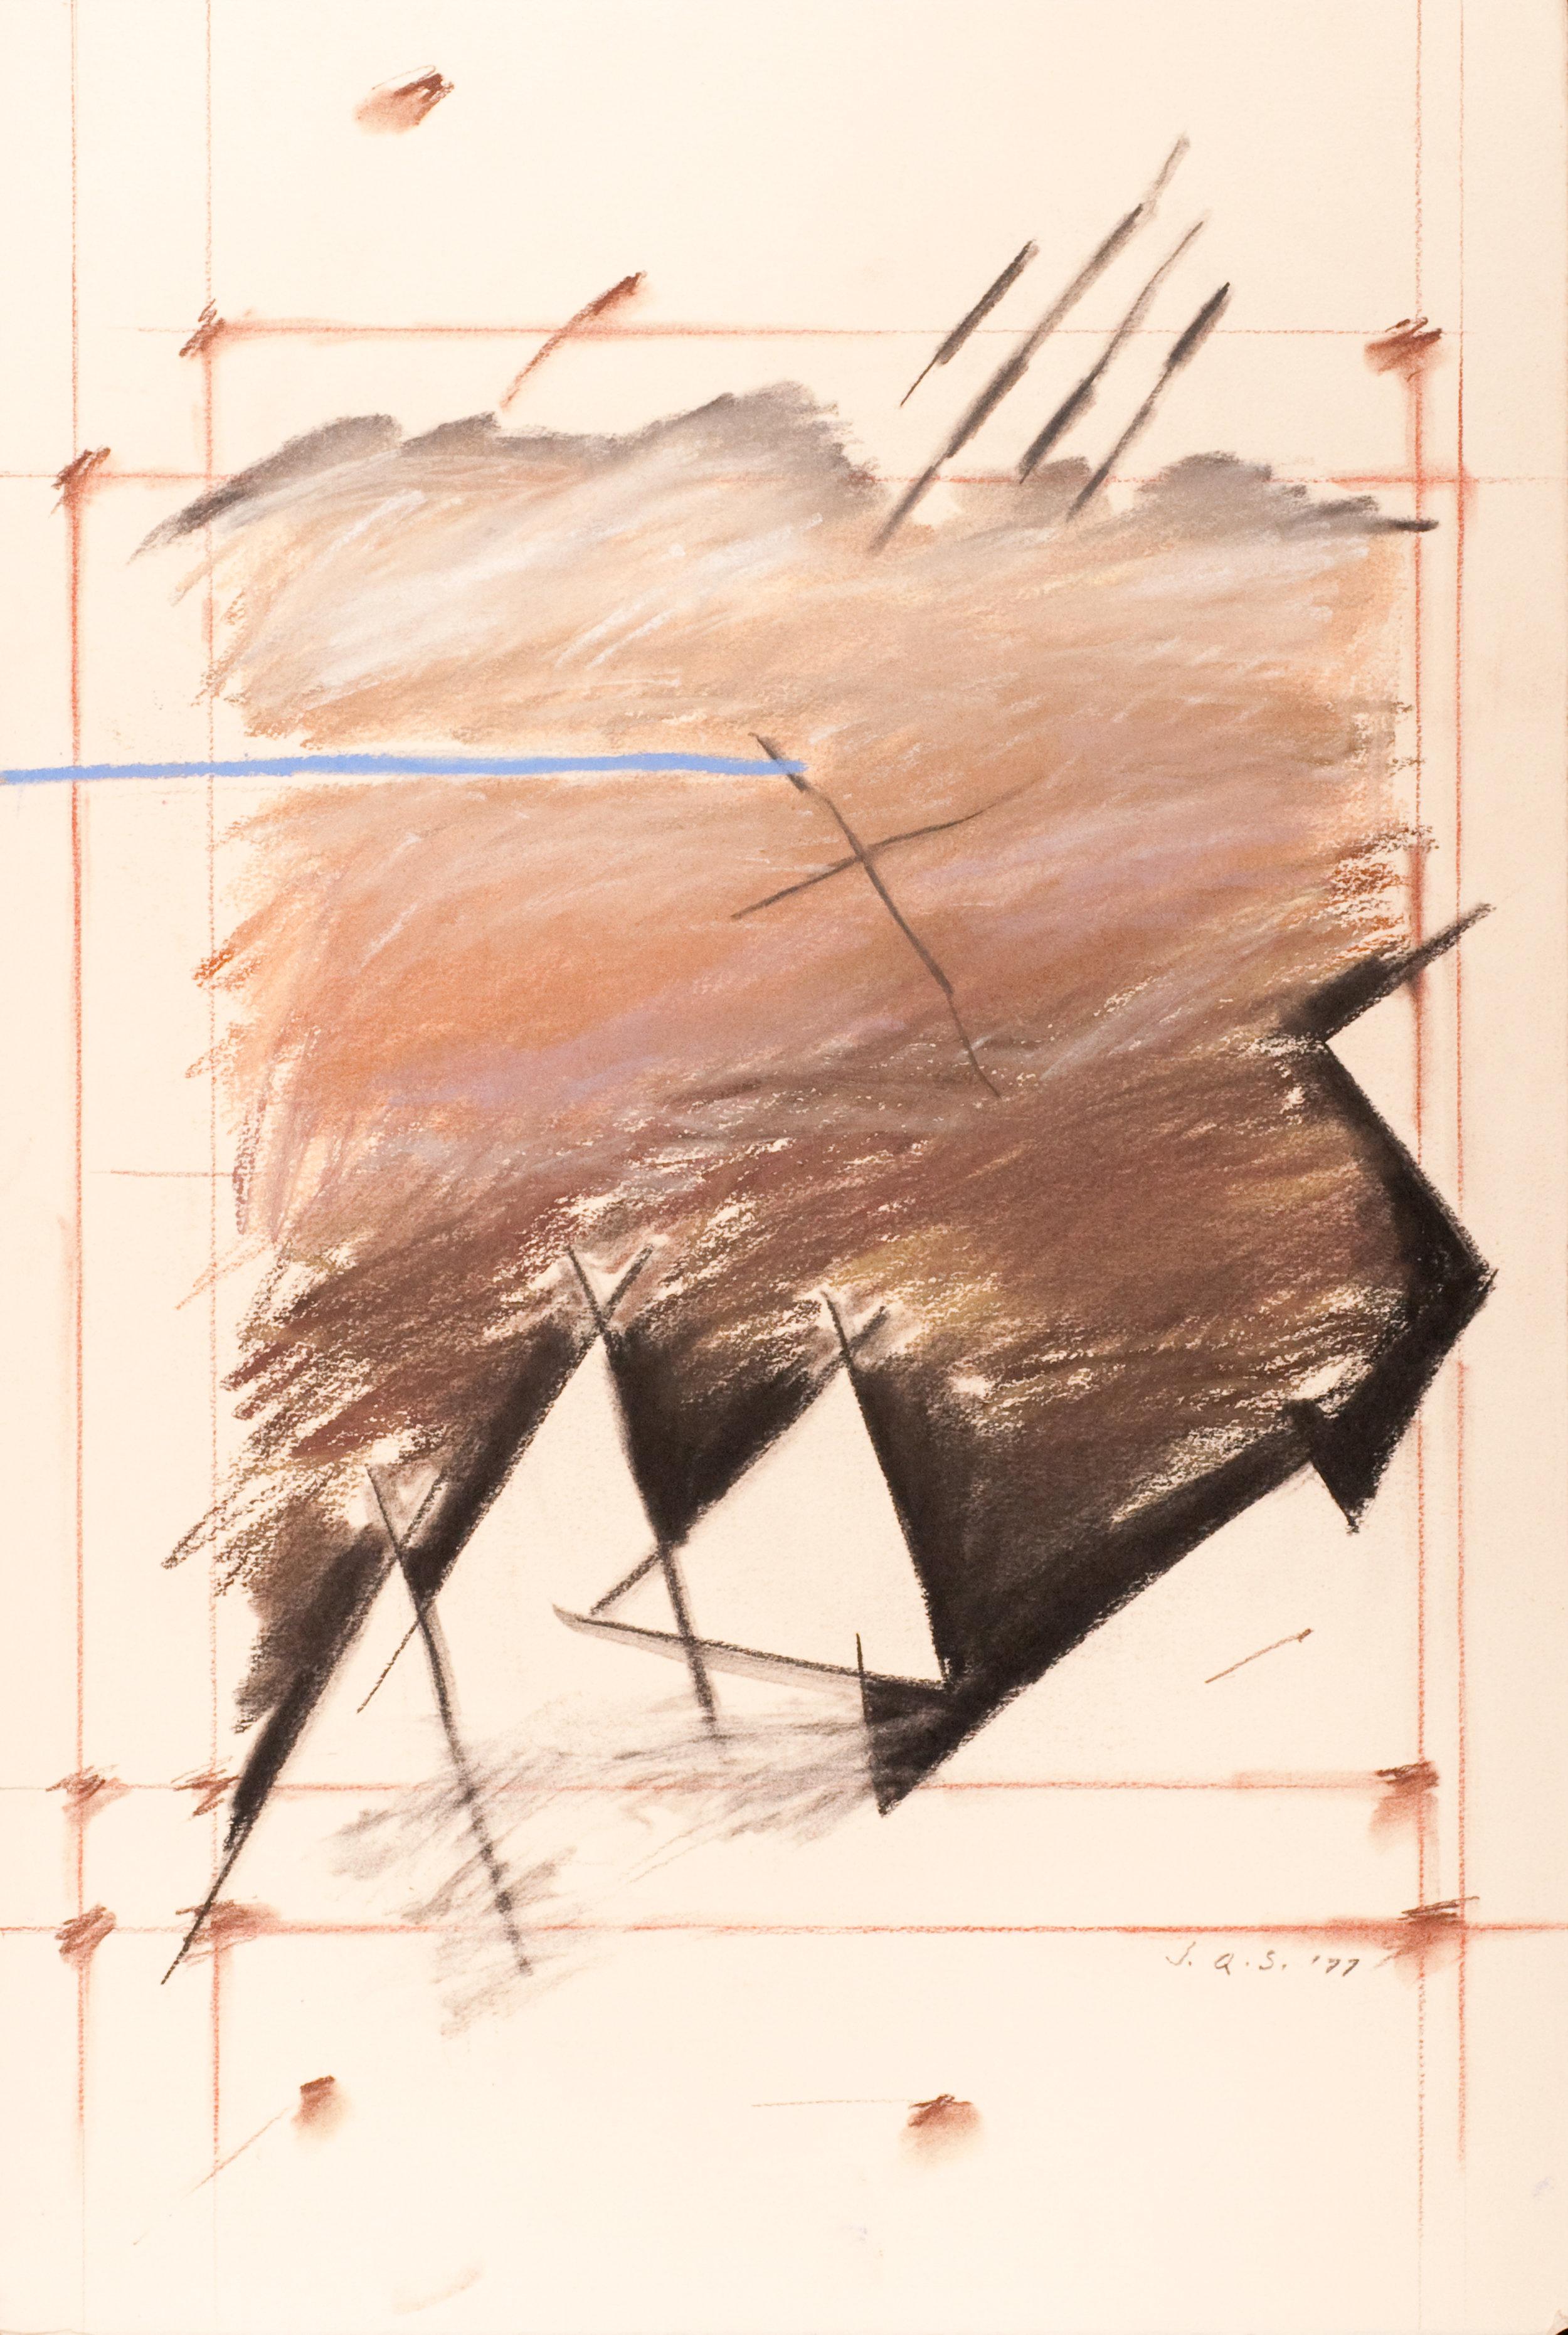 Untitled (Prairie Series), 1978